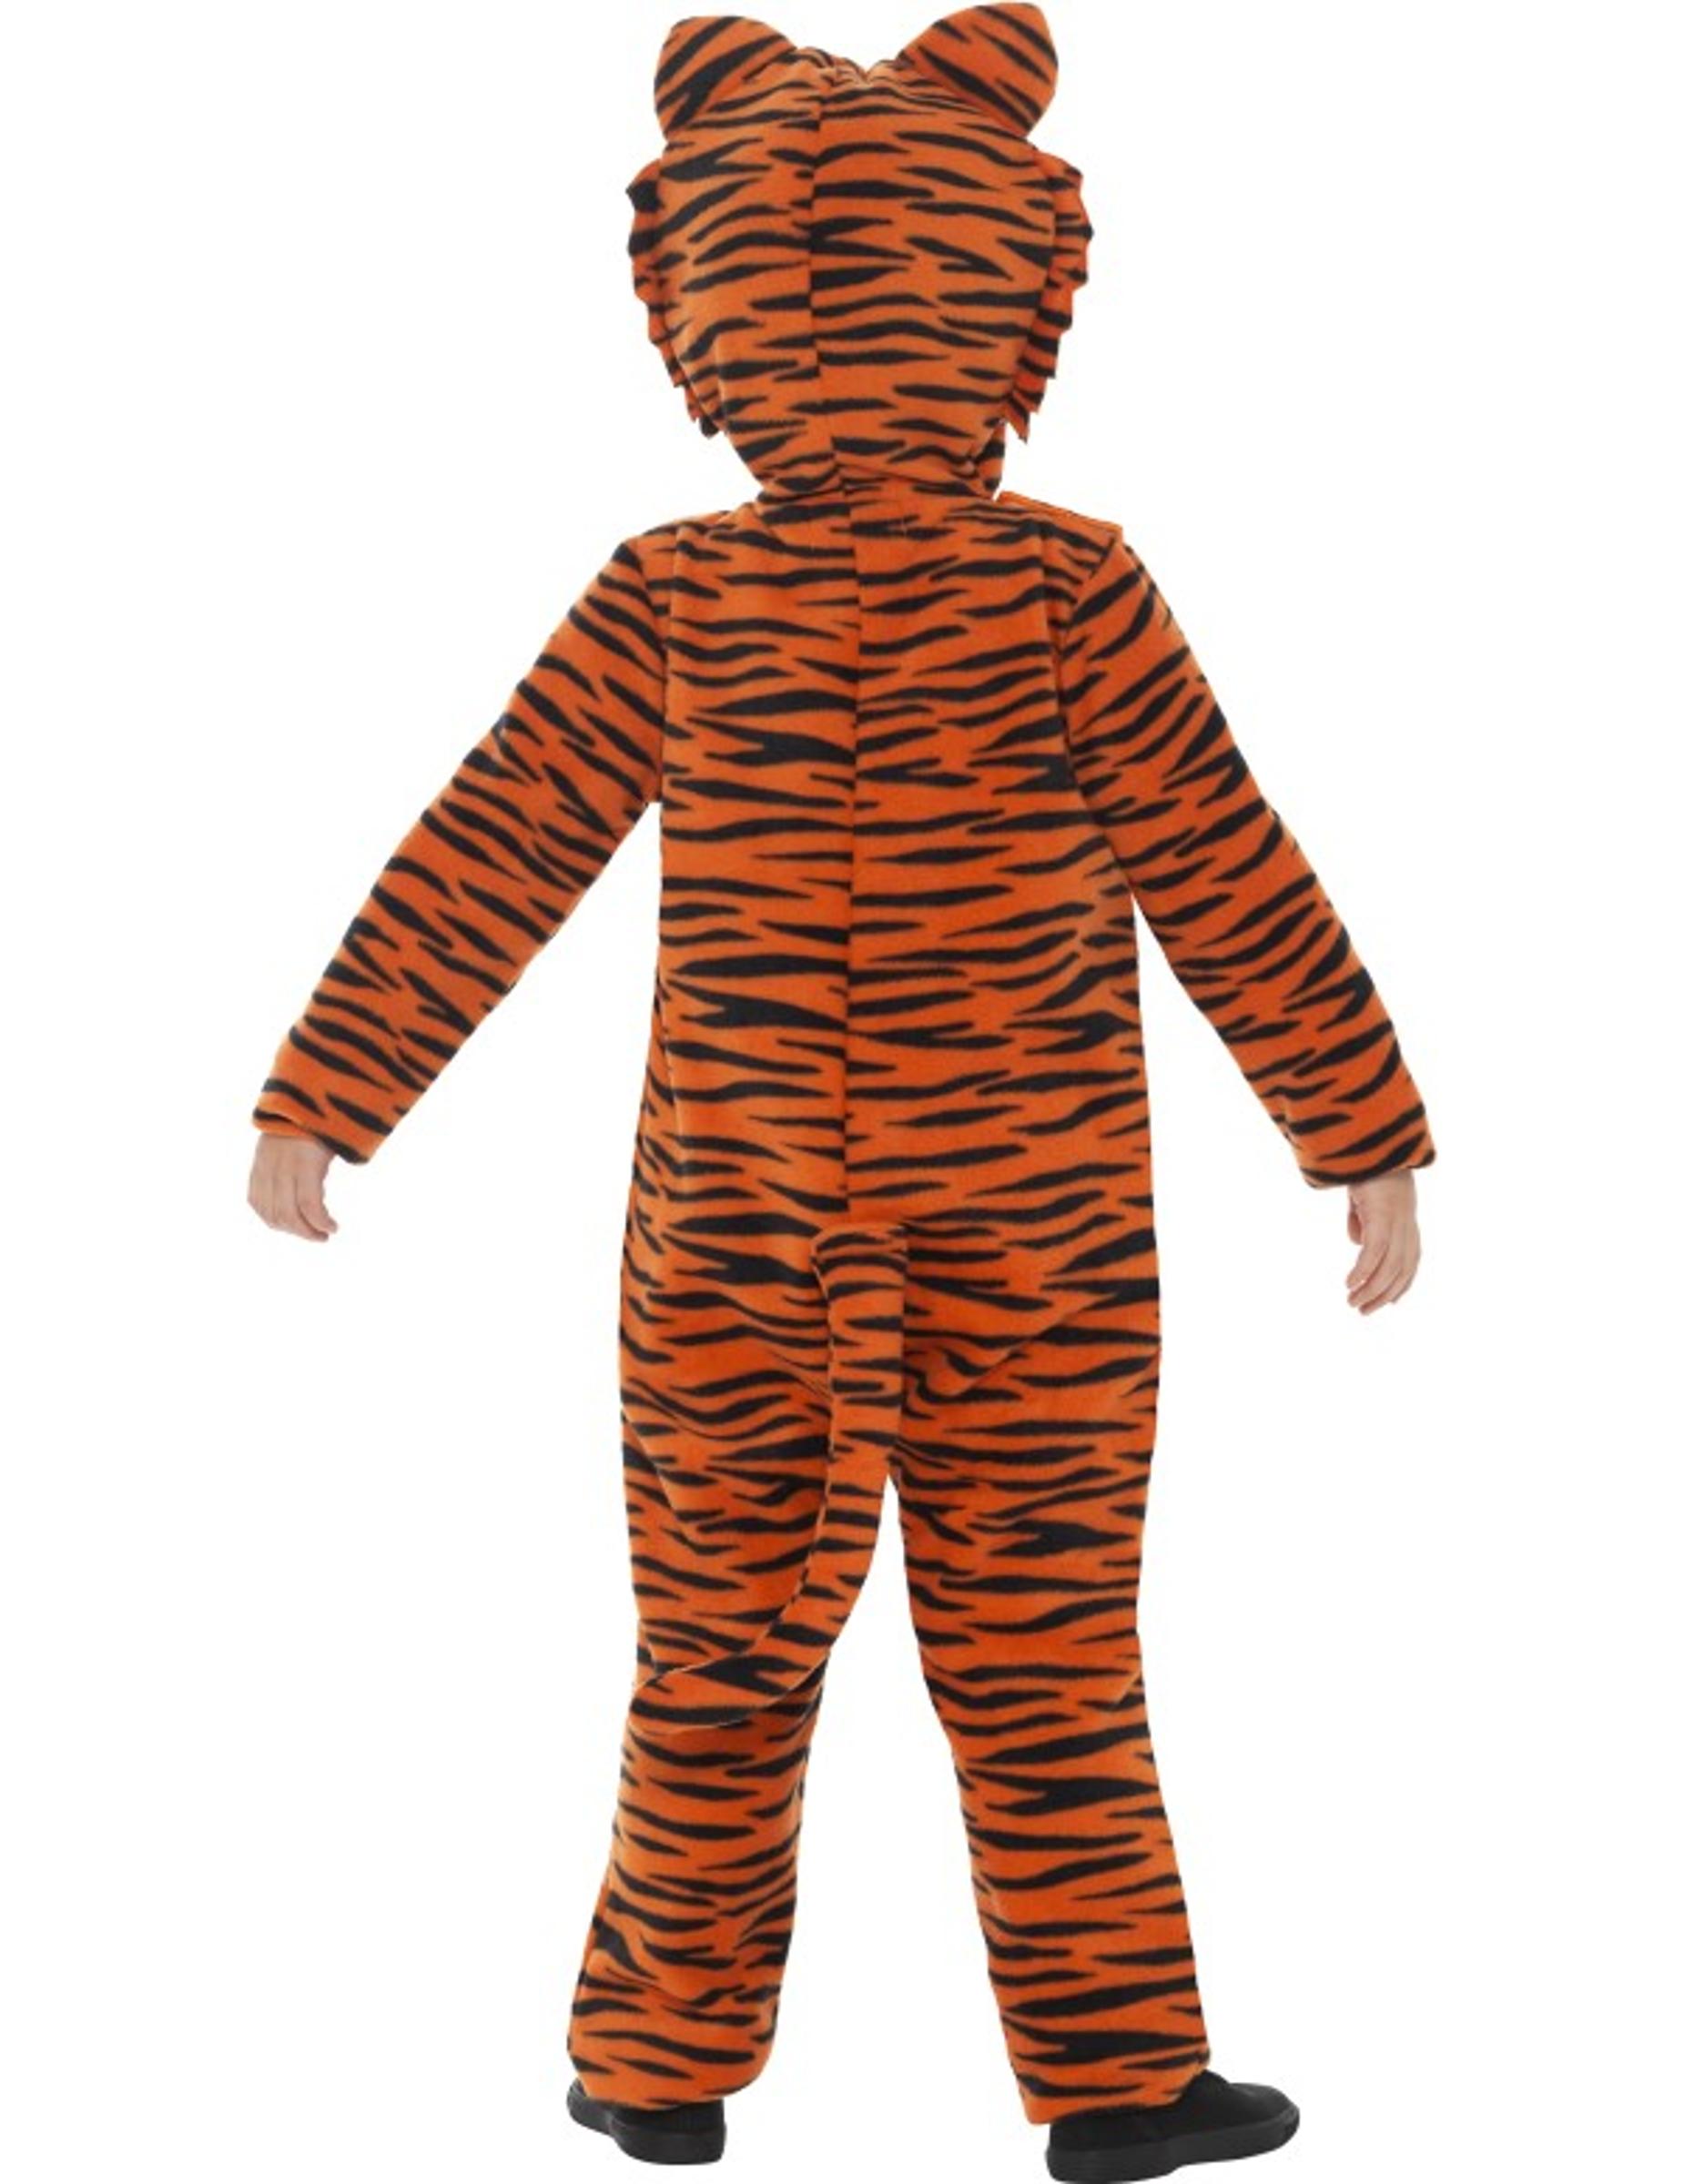 e3fe84968fd Tijger onesie voor kinderen: Kinderkostuums,en goedkope ...